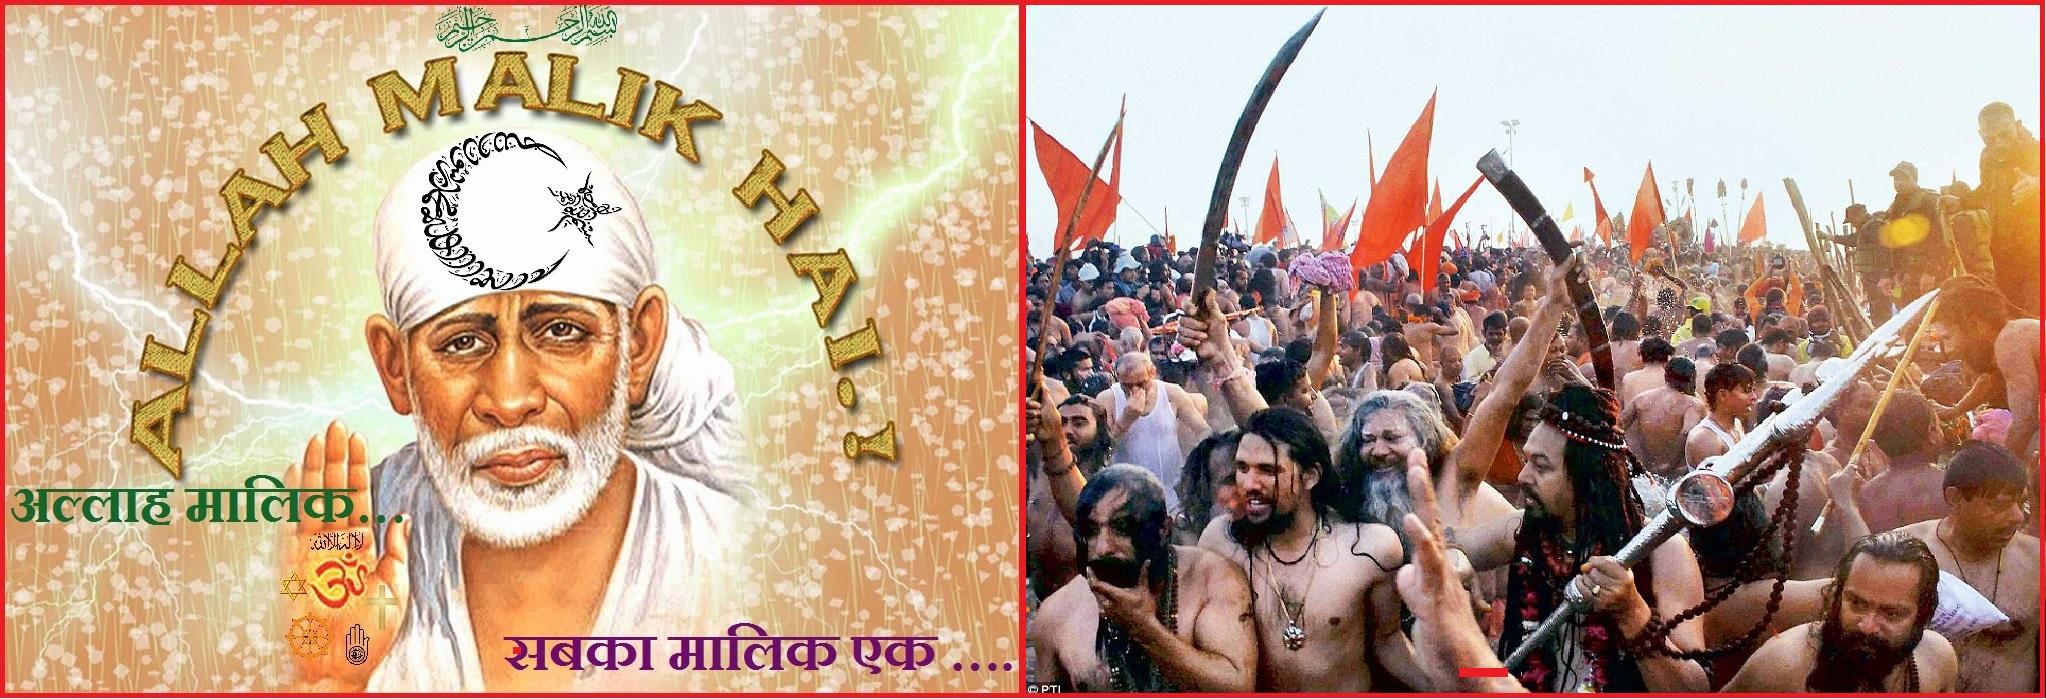 hinduism vs islam Islam and hinduism इस्लाम और हिंदू धर्म - अरब 7वीं और 8वीं सदी में हिंदुस्तान आये थे। उस समय भारत में अंधविश्वास का वर्चस्व था। ज़्यादातर.